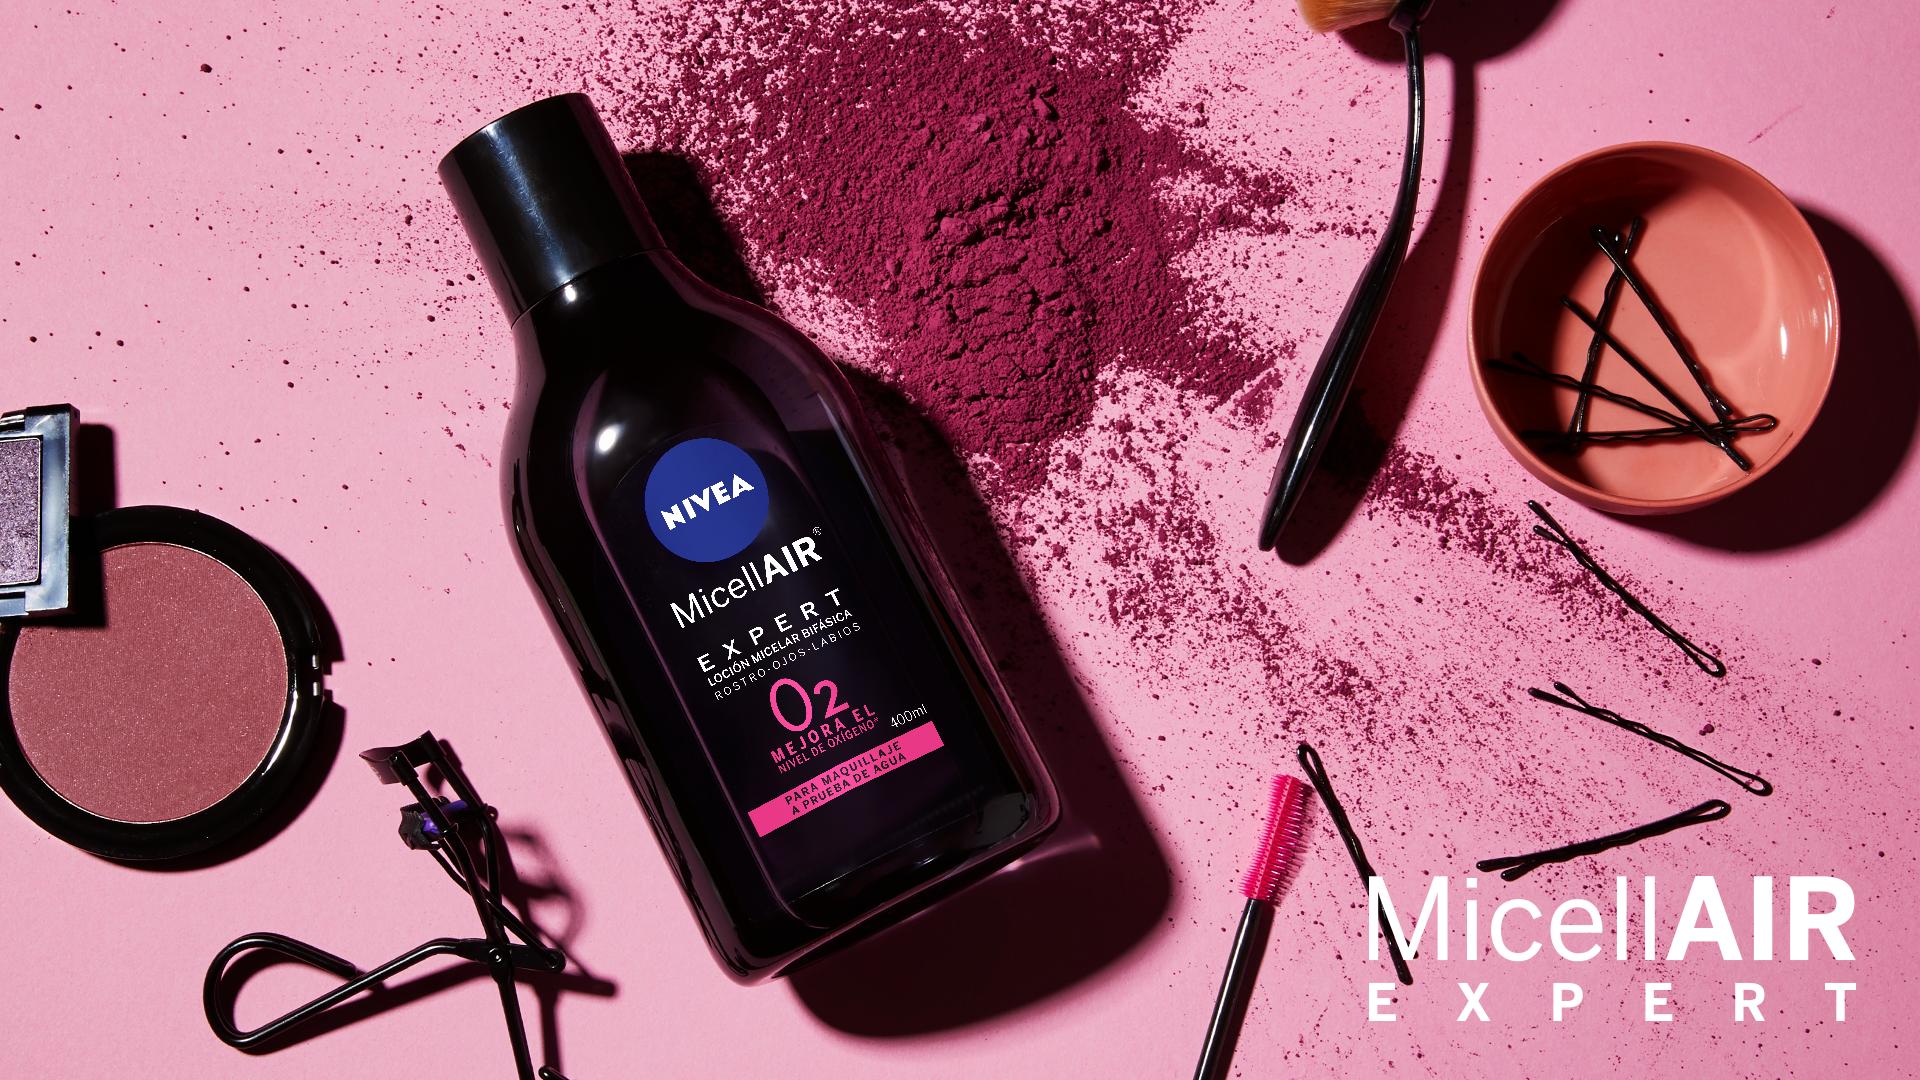 Cuando te equivocas de maquillaje, la idea de limpiar el rostro es sinónimo de un largo tiempo, pero ahora con el nuevo MicellAIR Expert de Nivea todo será más fácil